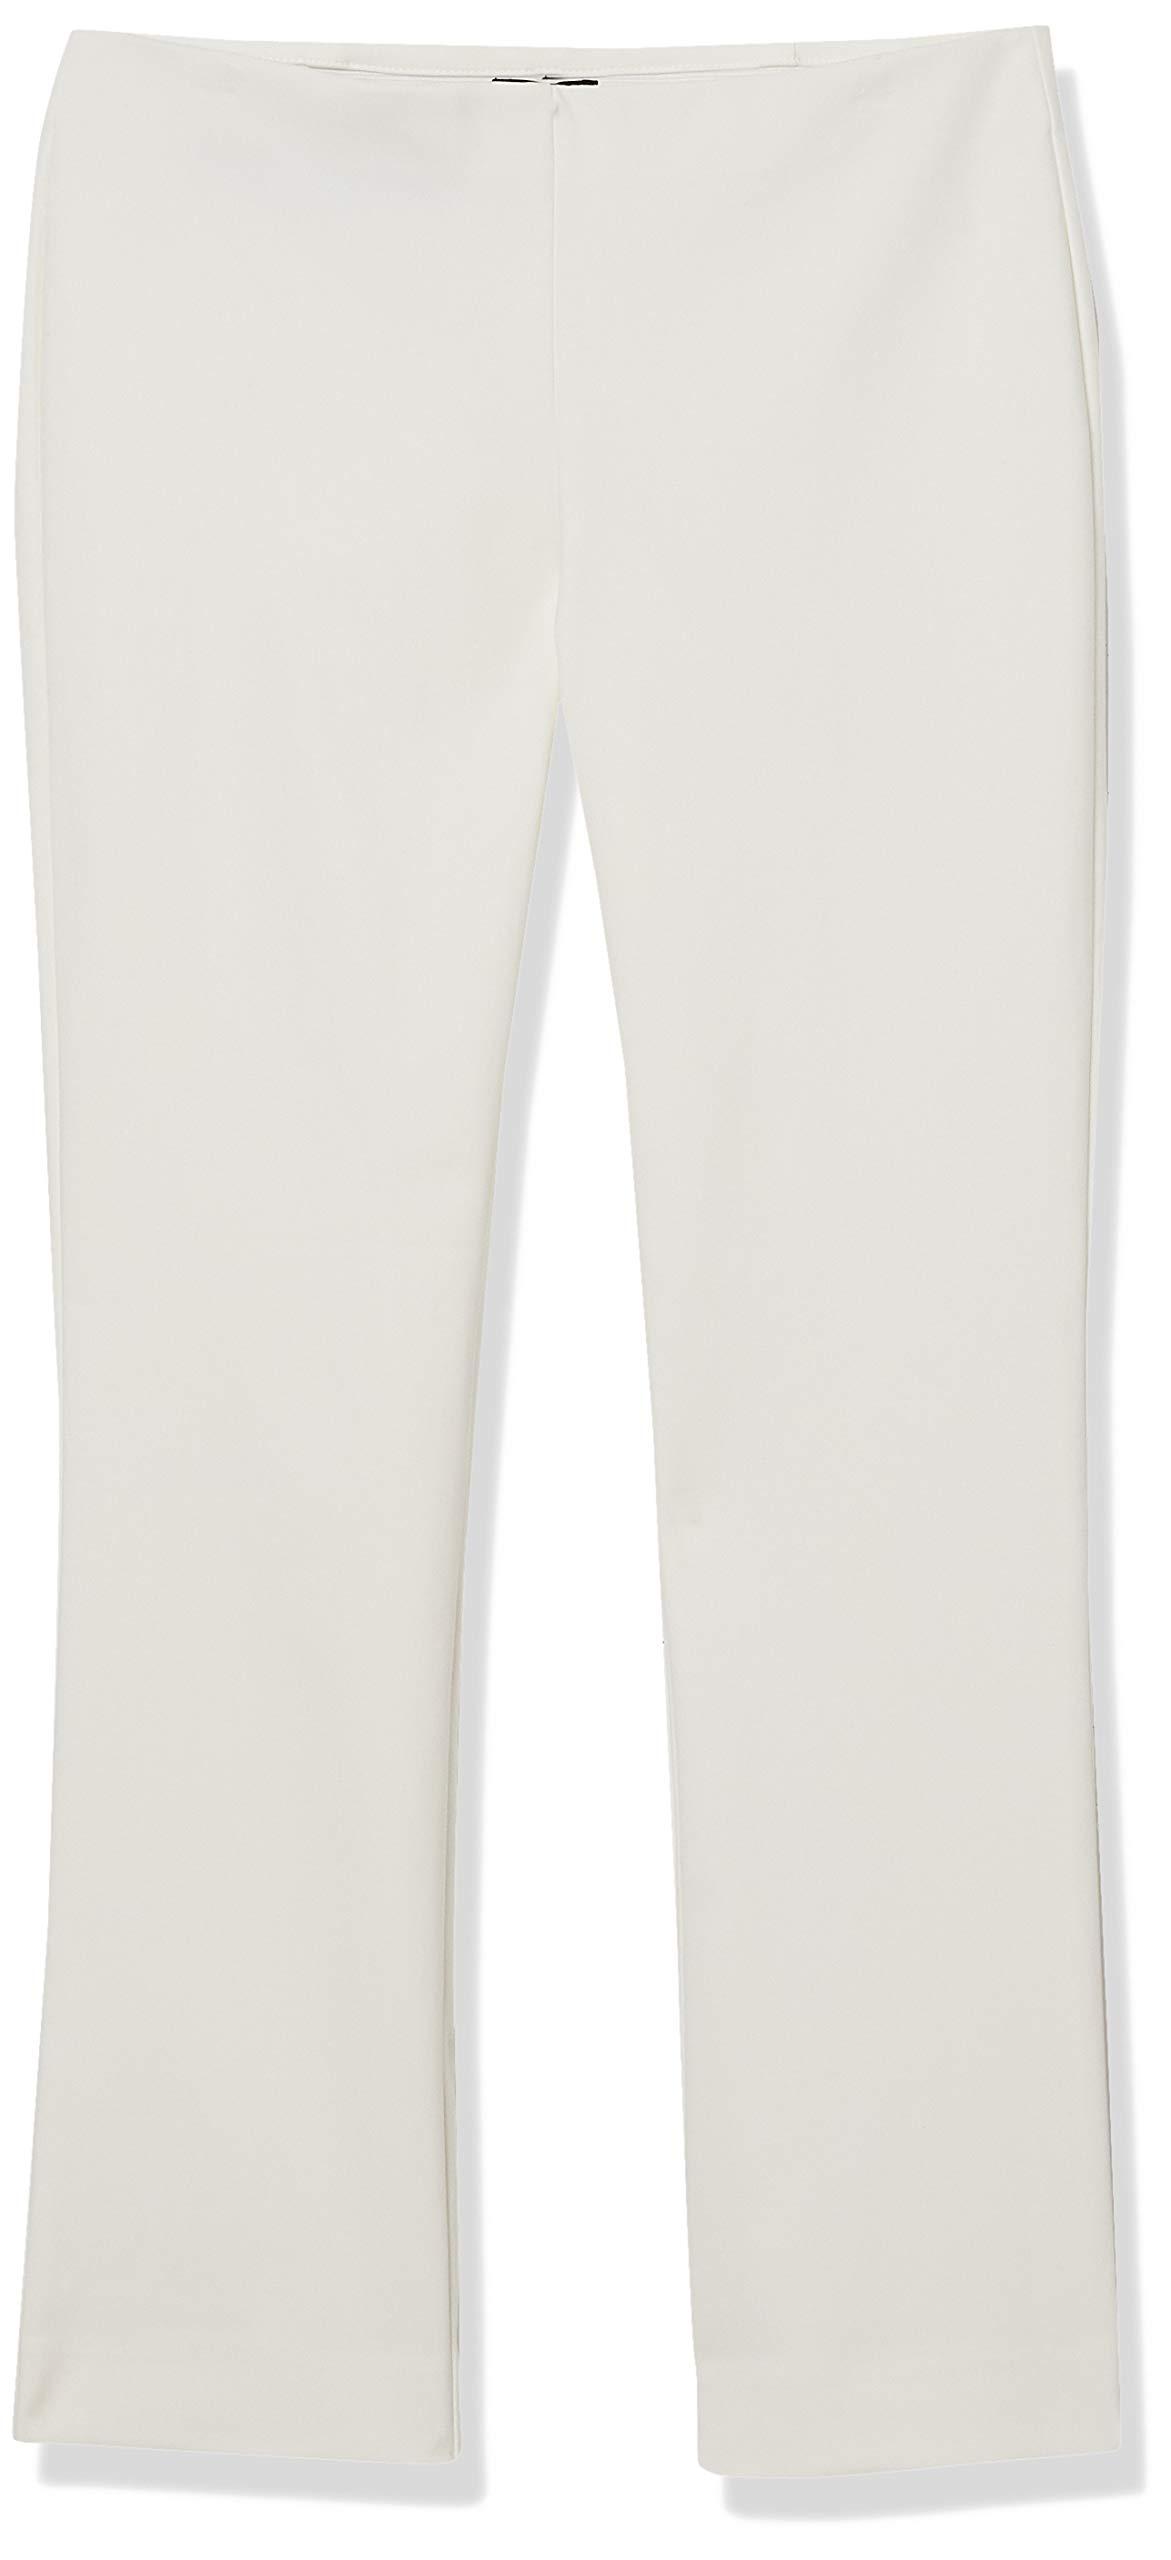 Jones New York Women's Misses Clean Pull on Pant